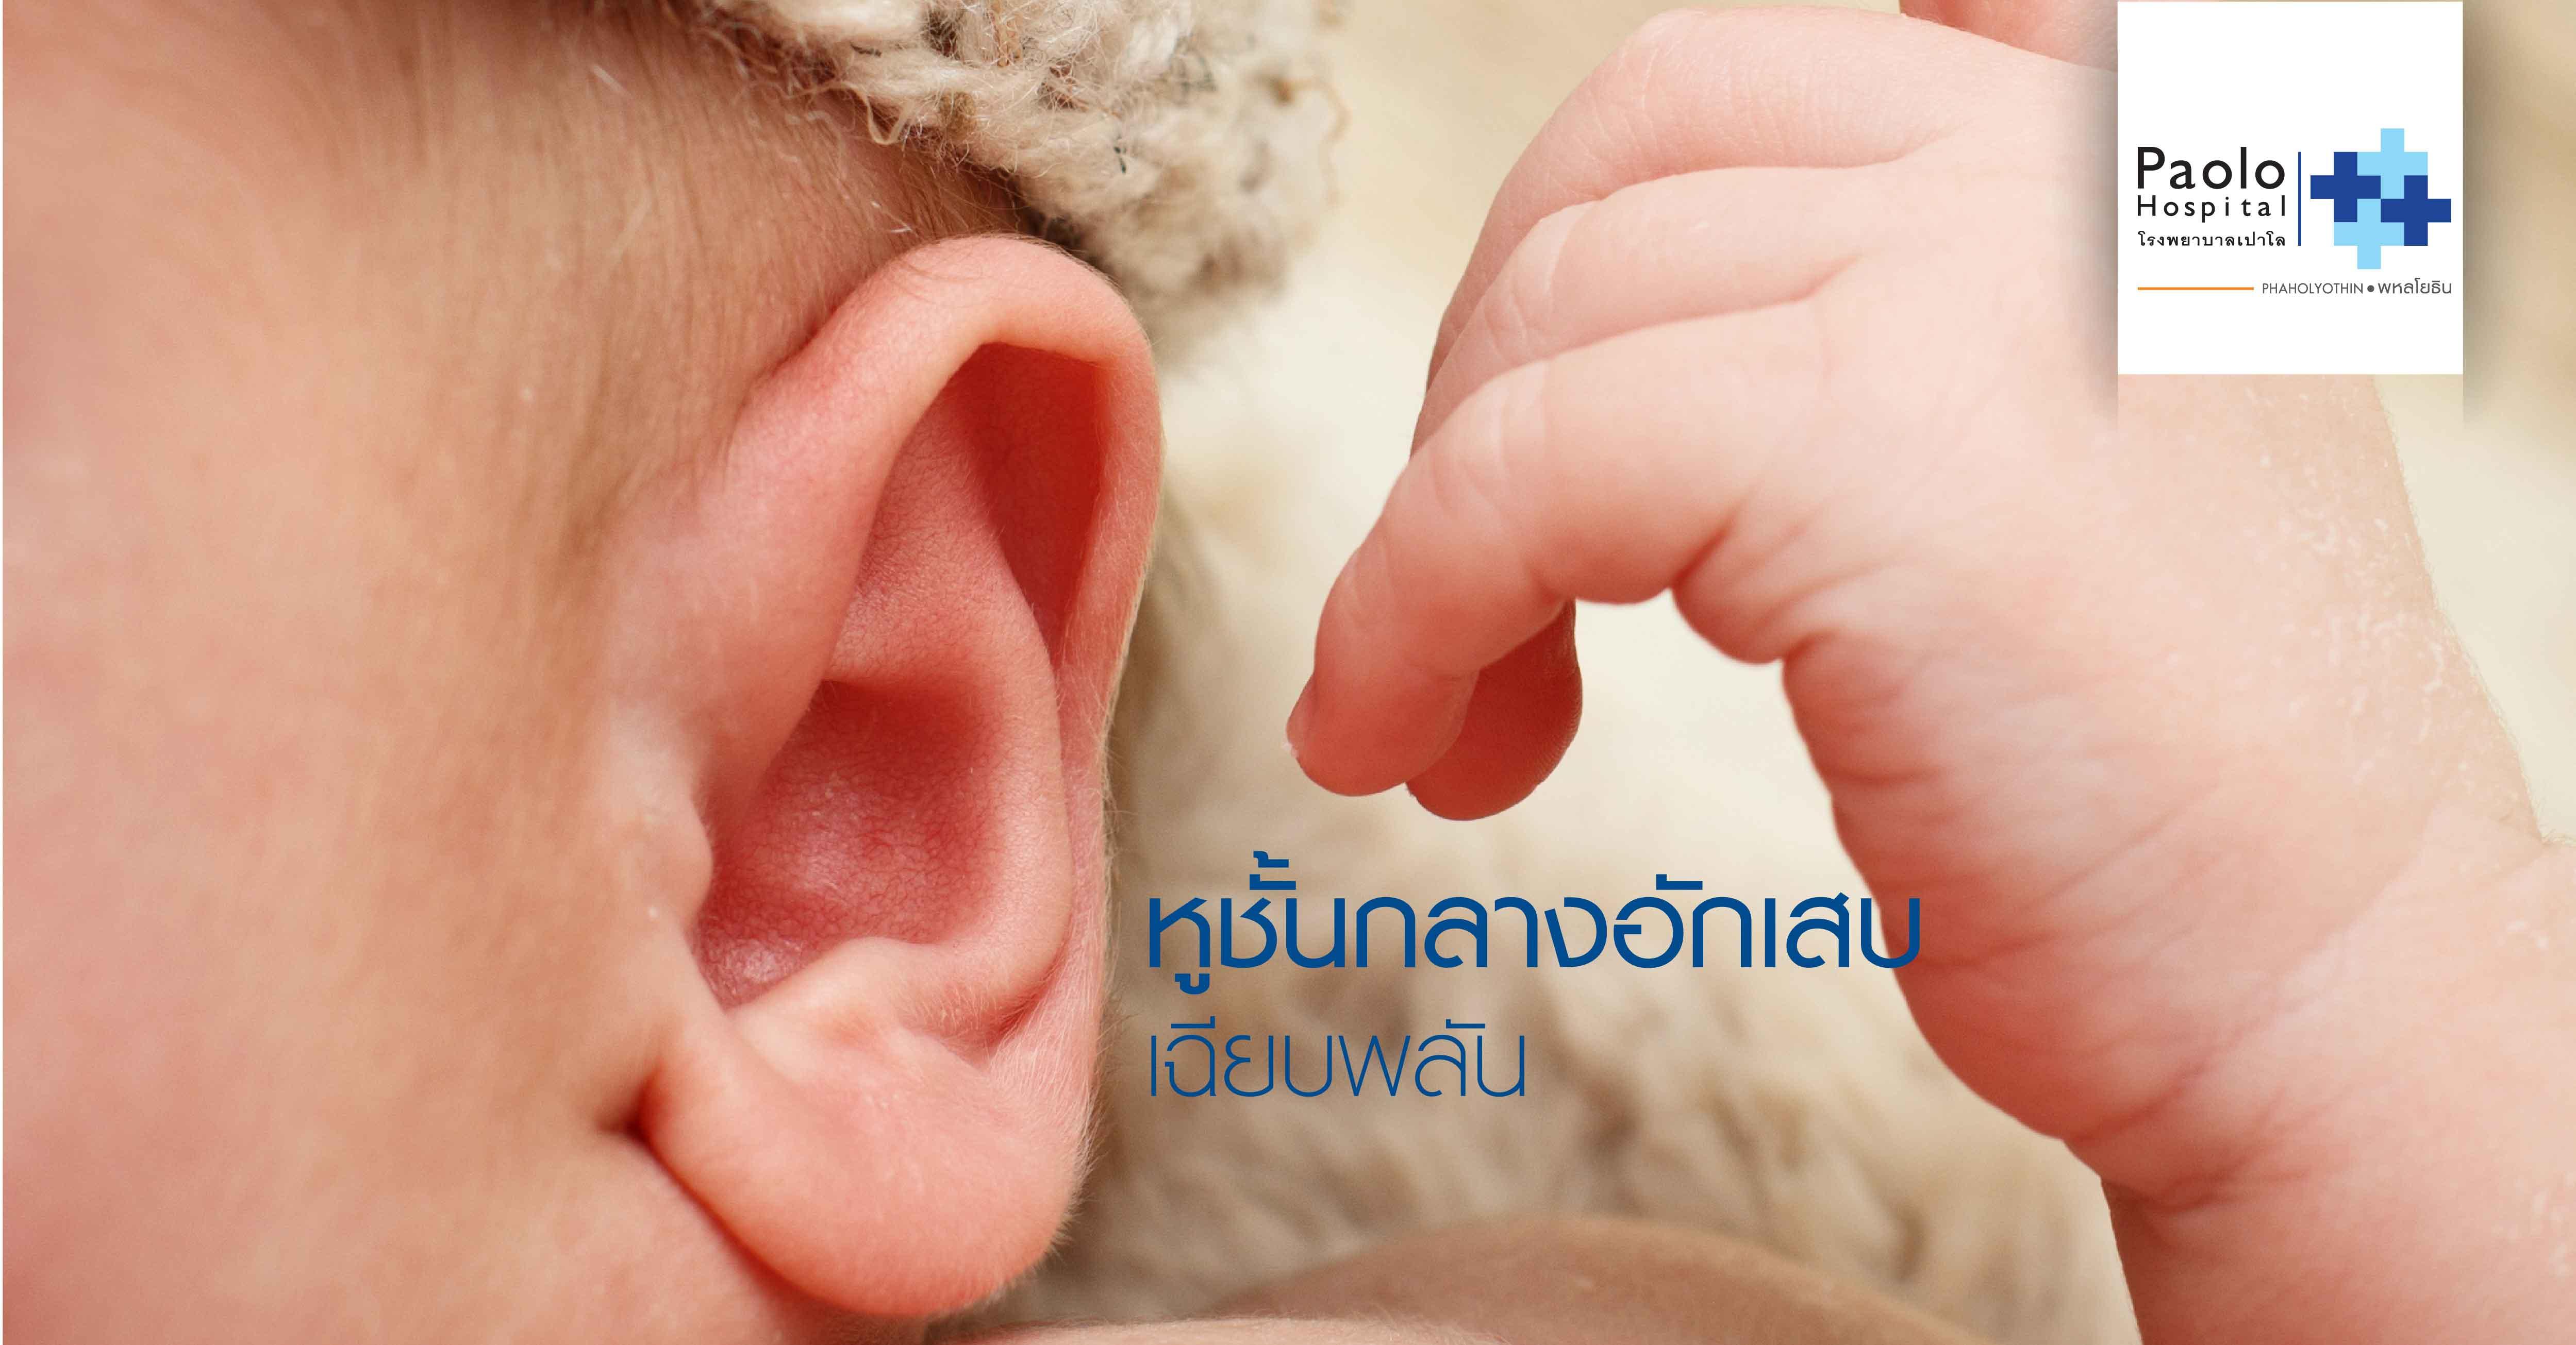 หูชั้นกลางอักเสบเฉียบพลัน